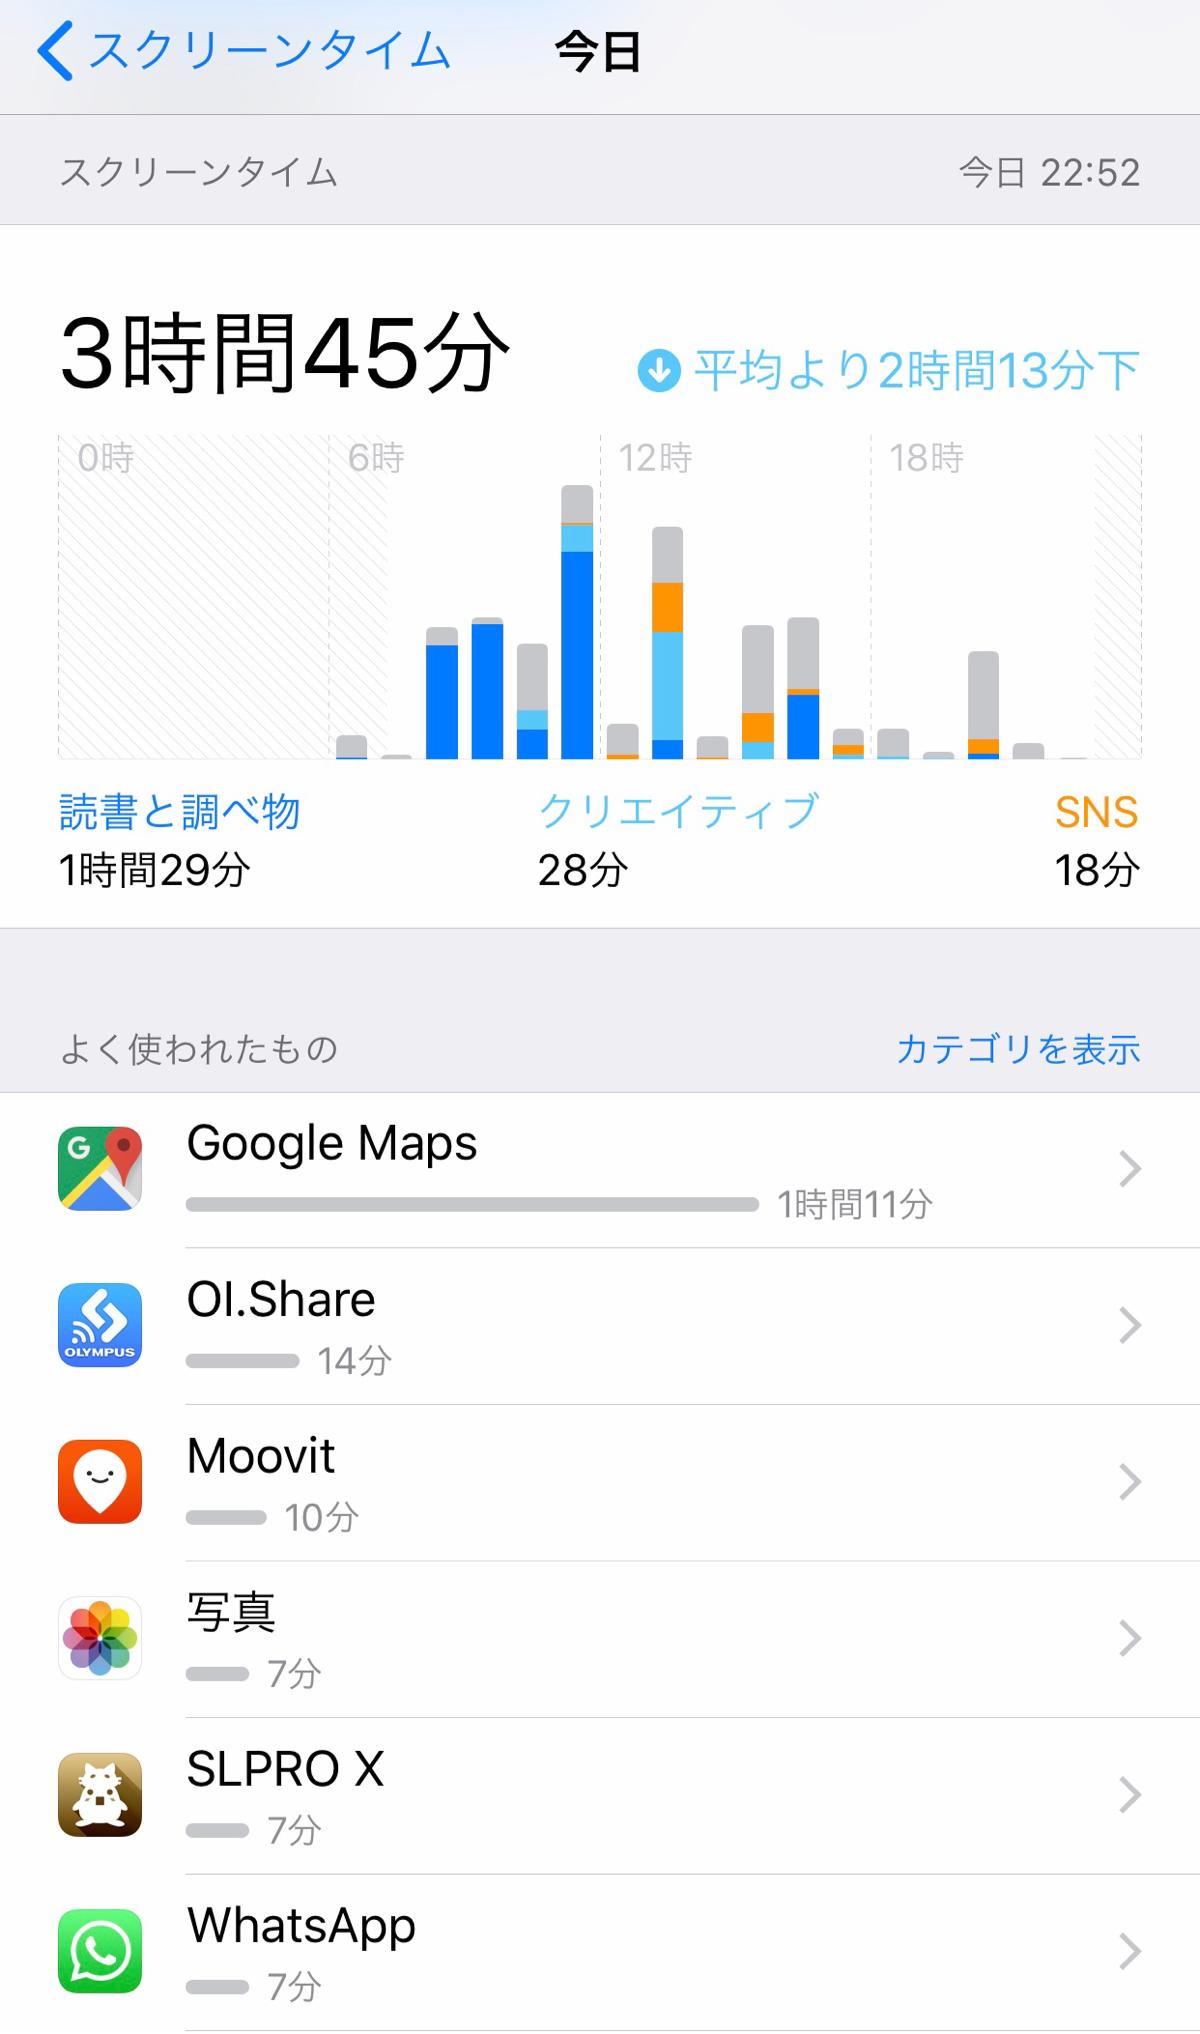 スクリーンタイムで自分のiPhoneの使用状況を定期的にモニターすれば、スマートフォンの無駄な利用が防げると思う